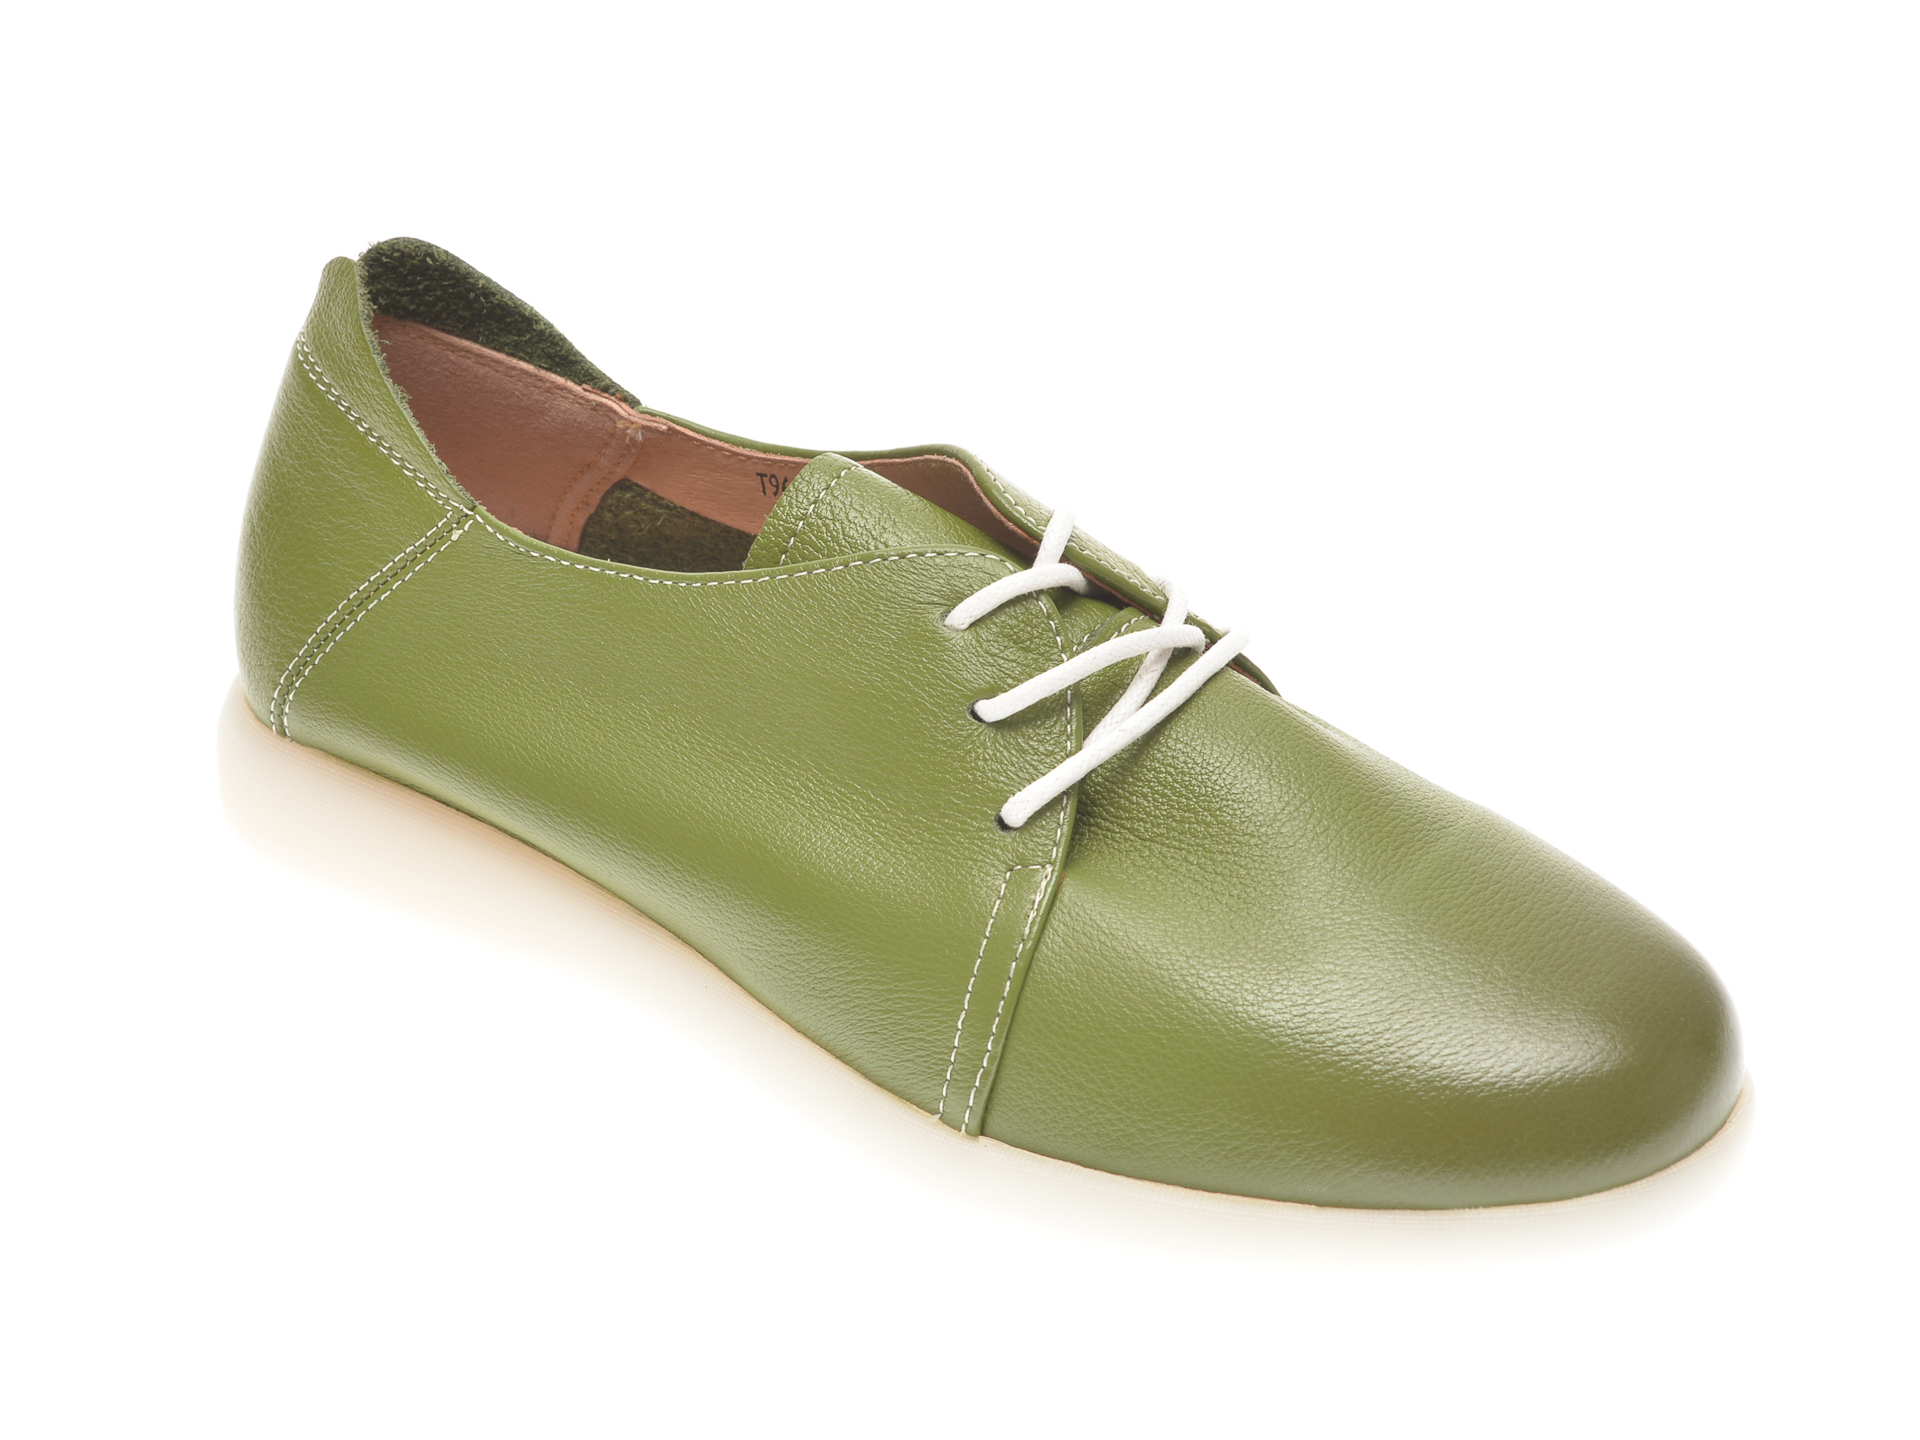 Pantofi PASS COLLECTION verzi, T9698, din piele naturala imagine